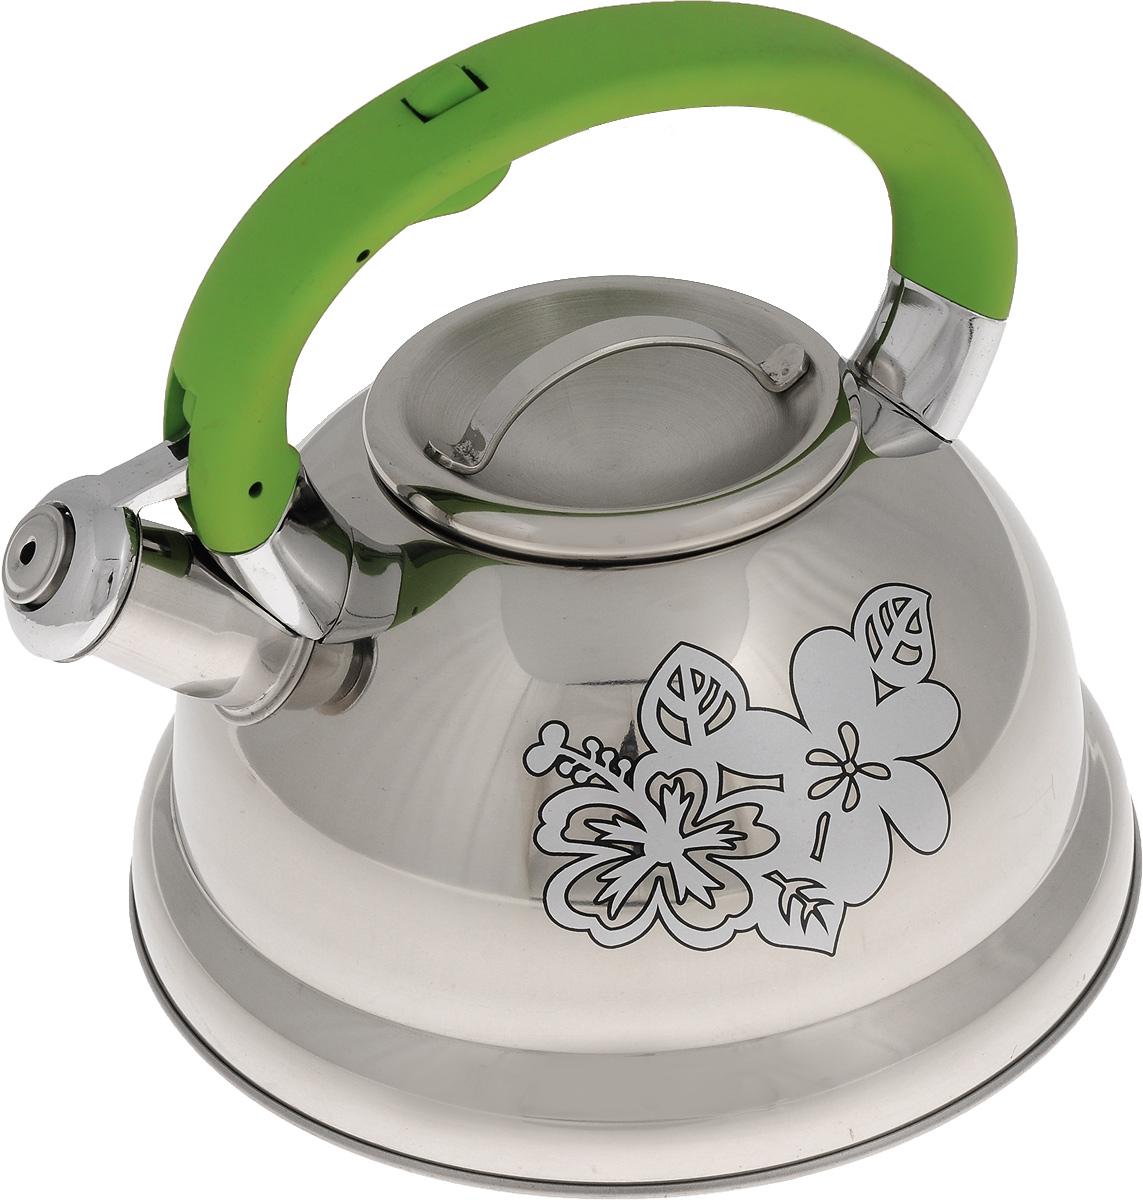 Чайник Mayer & Boch, со свистком, цвет: стальной, зеленый, 2,6 л. 2278868/5/4Чайник Mayer & Boch выполнен из высококачественной нержавеющей стали, что обеспечивает долговечность использования. Изделие оформлено изящным рисунком, который одновременно является индикатором цвета - при нагревании рисунок на корпусе меняет цвет. Ручка из бакелита делает использование чайника очень удобным и безопасным. Чайник снабжен свистком и кнопкой для открывания носика. Эстетичный и функциональный чайник с эксклюзивным дизайном будет оригинально смотреться в любом интерьере. Пригоден для использования на газовых, электрических, стеклокерамических и индукционных плитах. Можно мыть в посудомоечной машине.Диаметр чайника по верхнему краю: 10 см. Высота чайника (с учетом ручки): 20 см. Высота чайника (без учета ручки): 11,3 см.